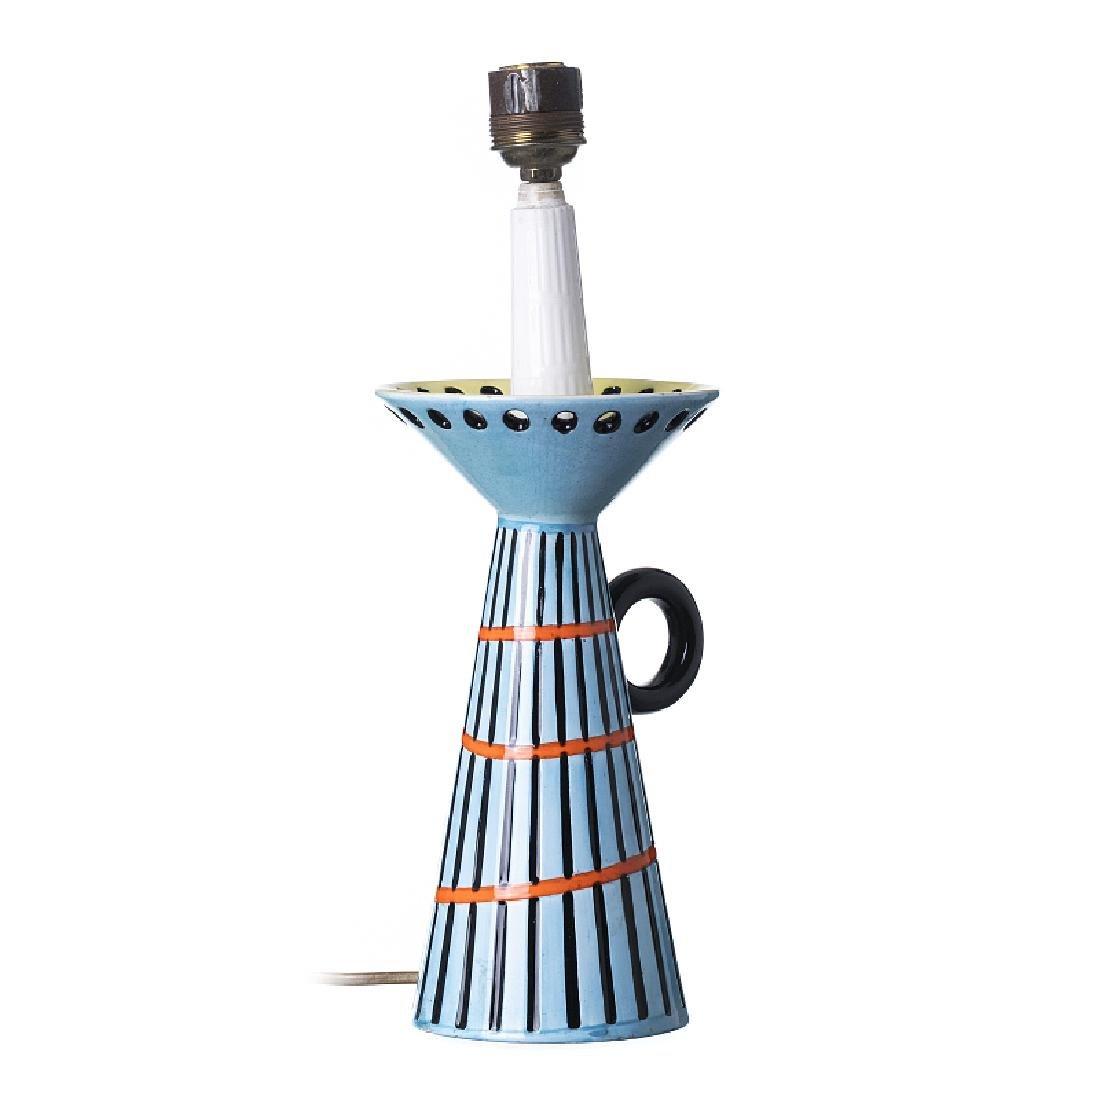 ALELUIA - Table lamp